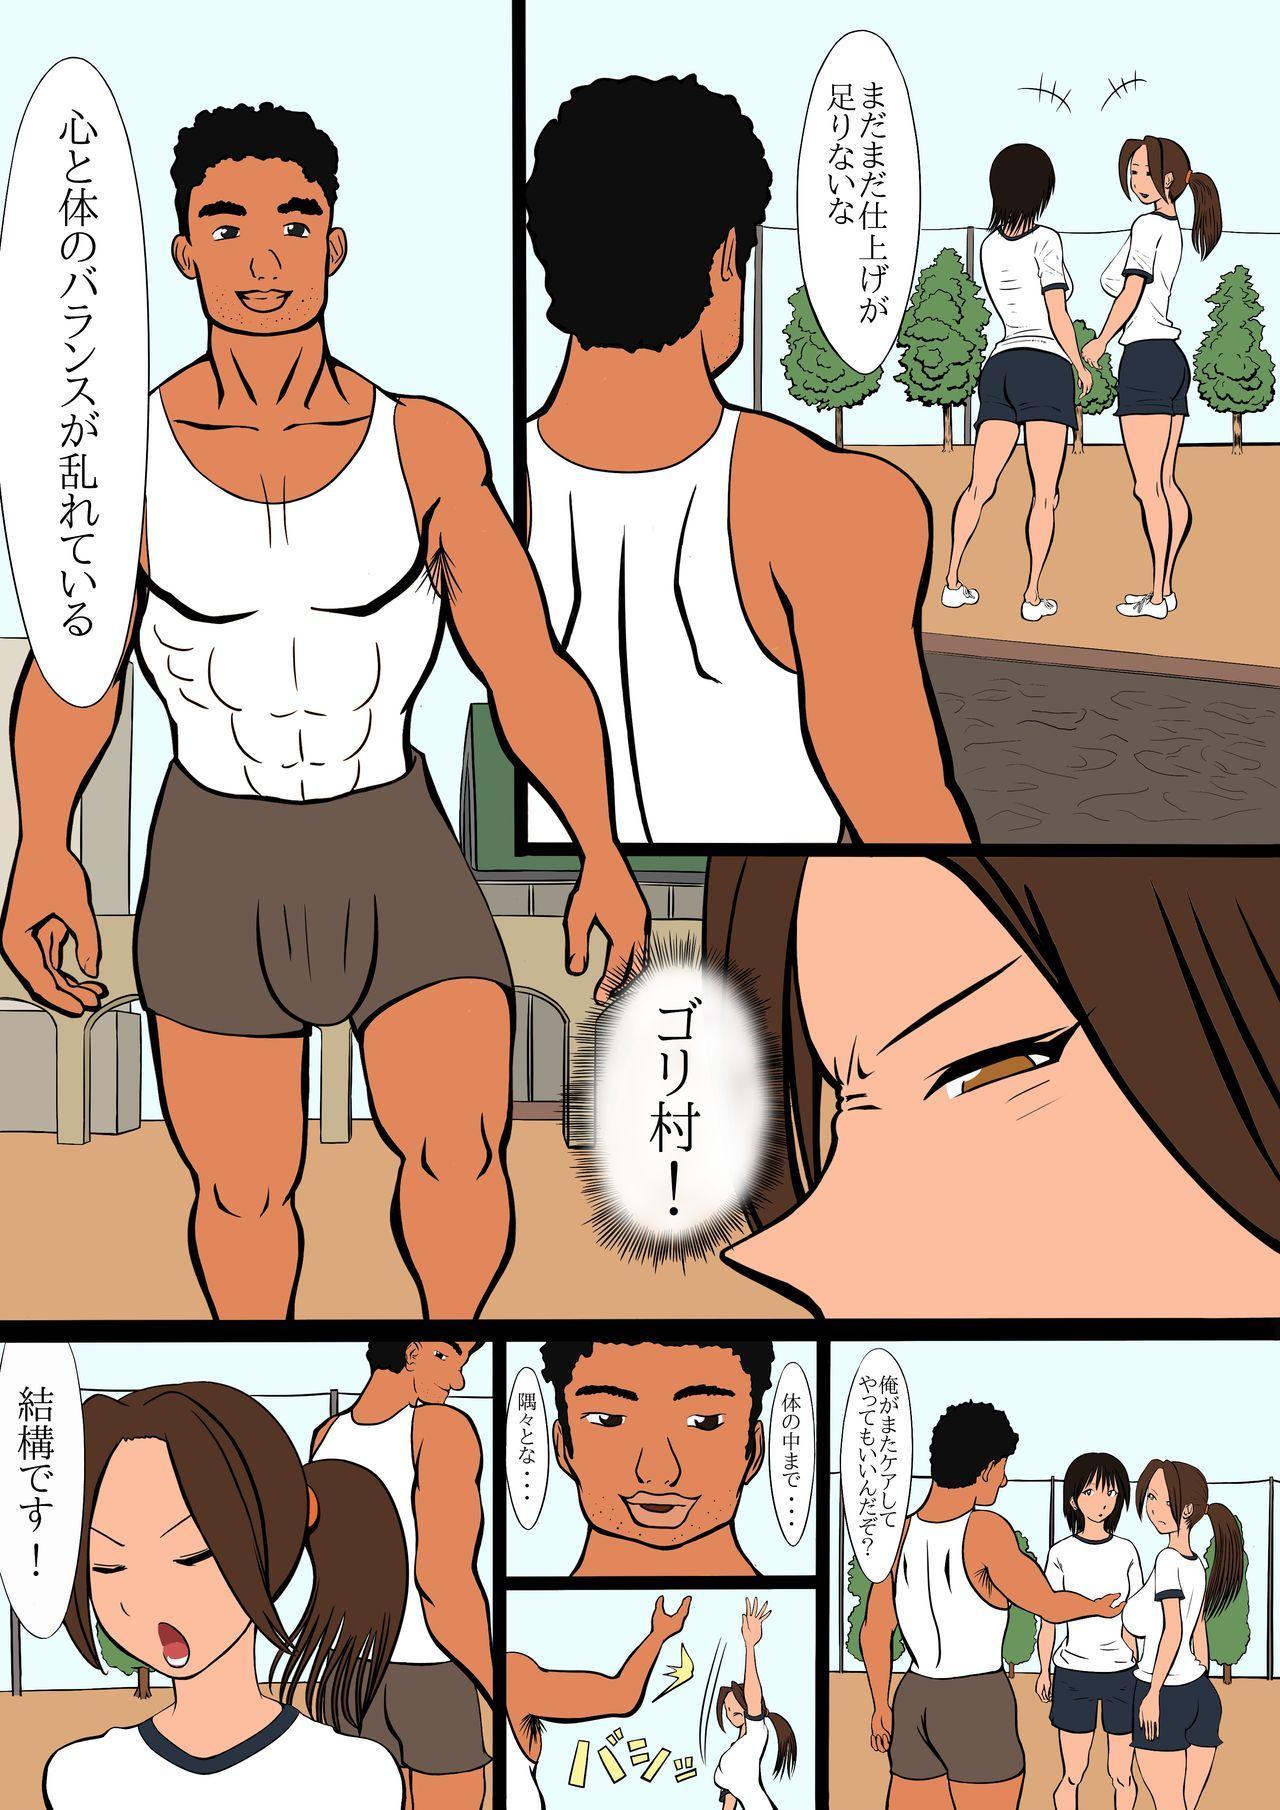 netorare furasshu bakku 12